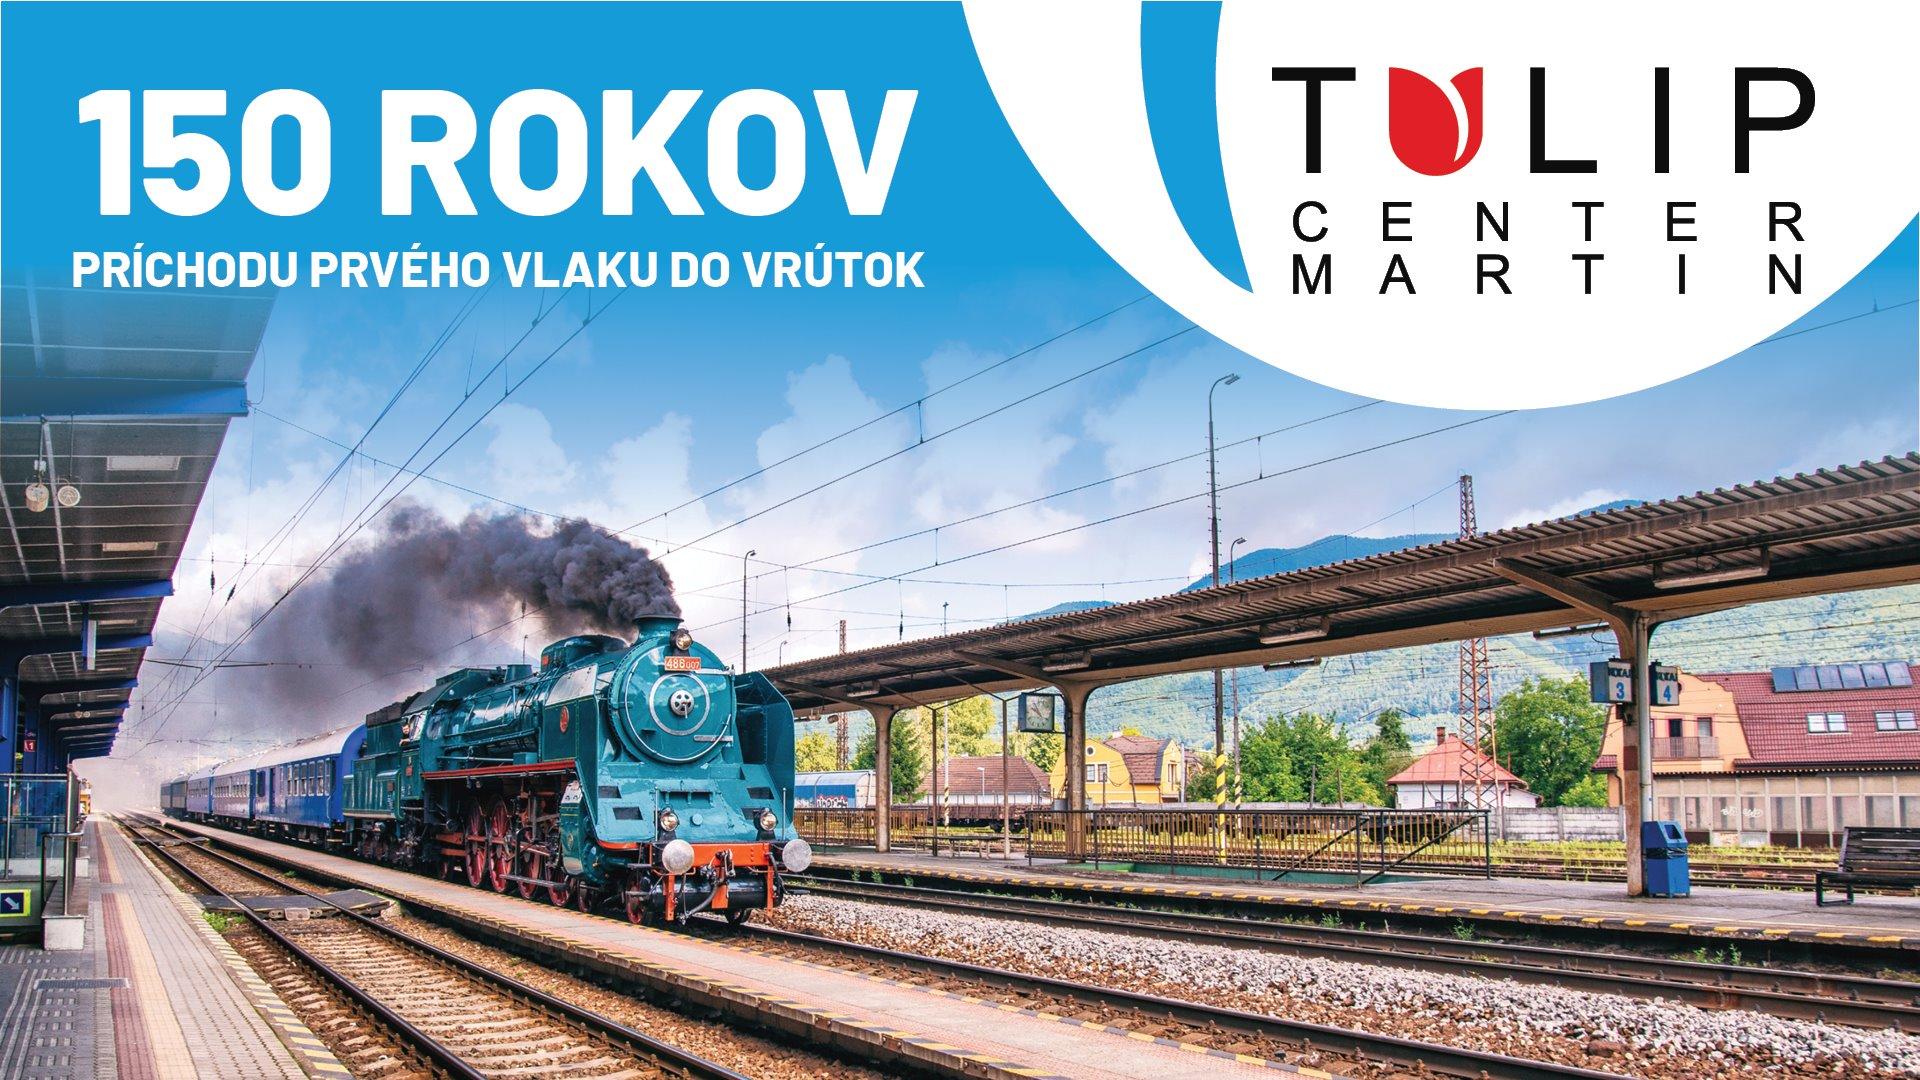 150 rokov príchodu prvého vlaku do Vrútok